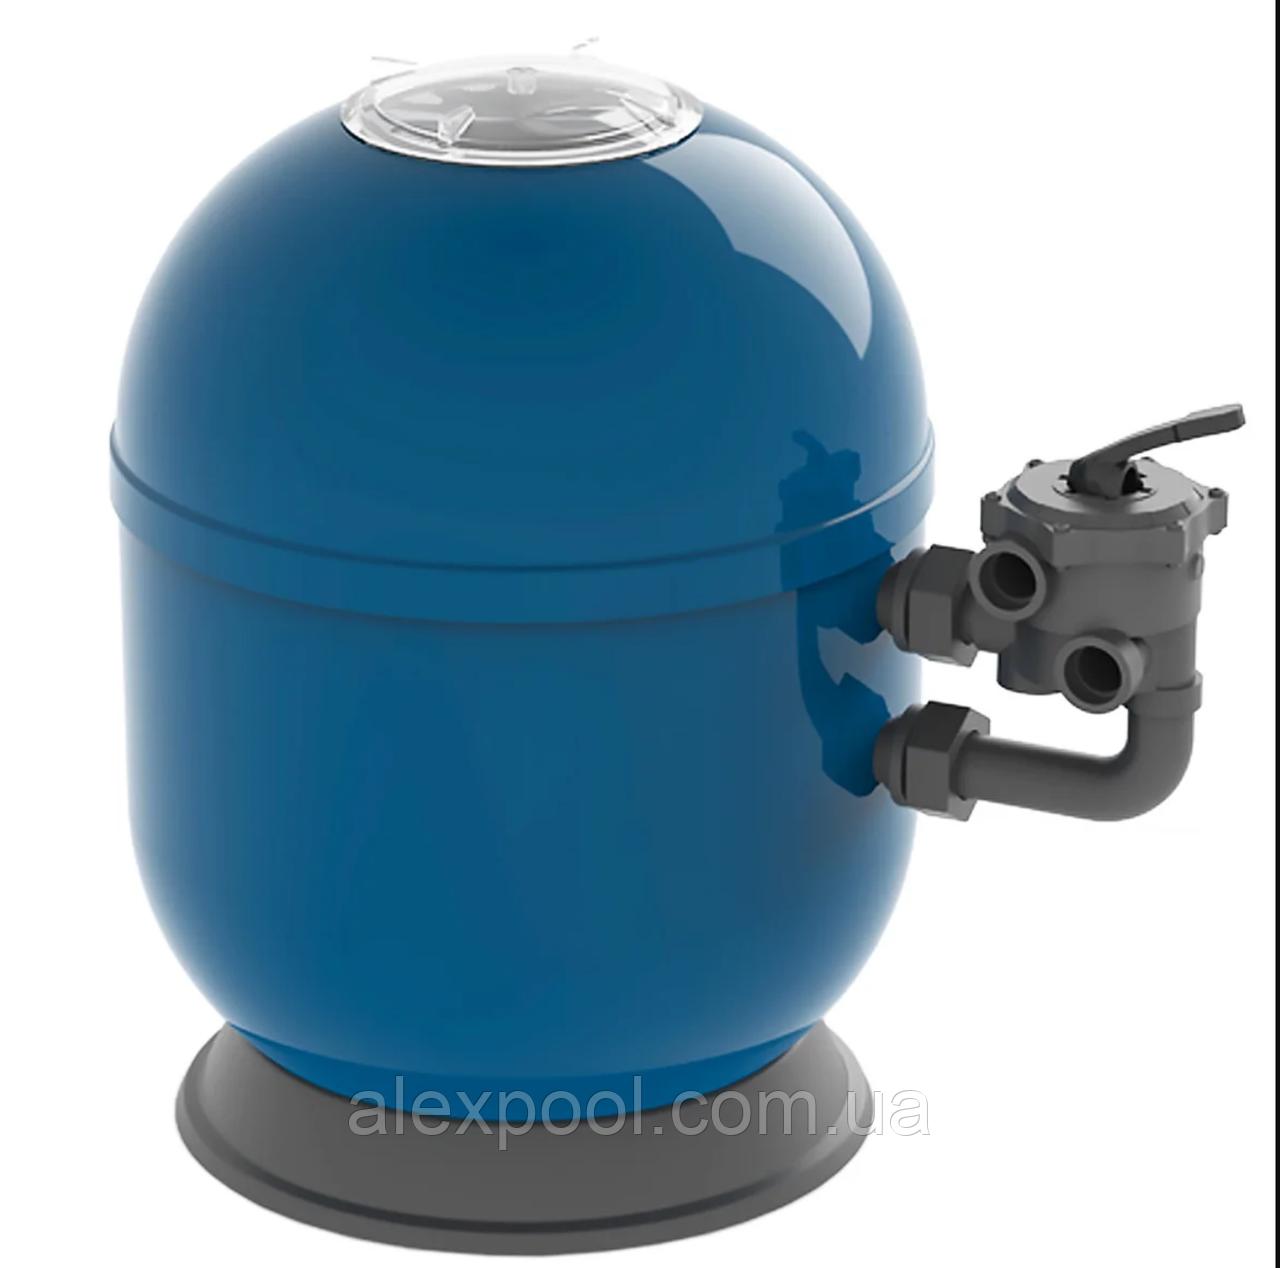 """Фильтровальная емкость Ariona Pools Ocean, 510 мм, 10,2 м3/час шестиходовой 1,5"""" бок клапан, 100 кг"""